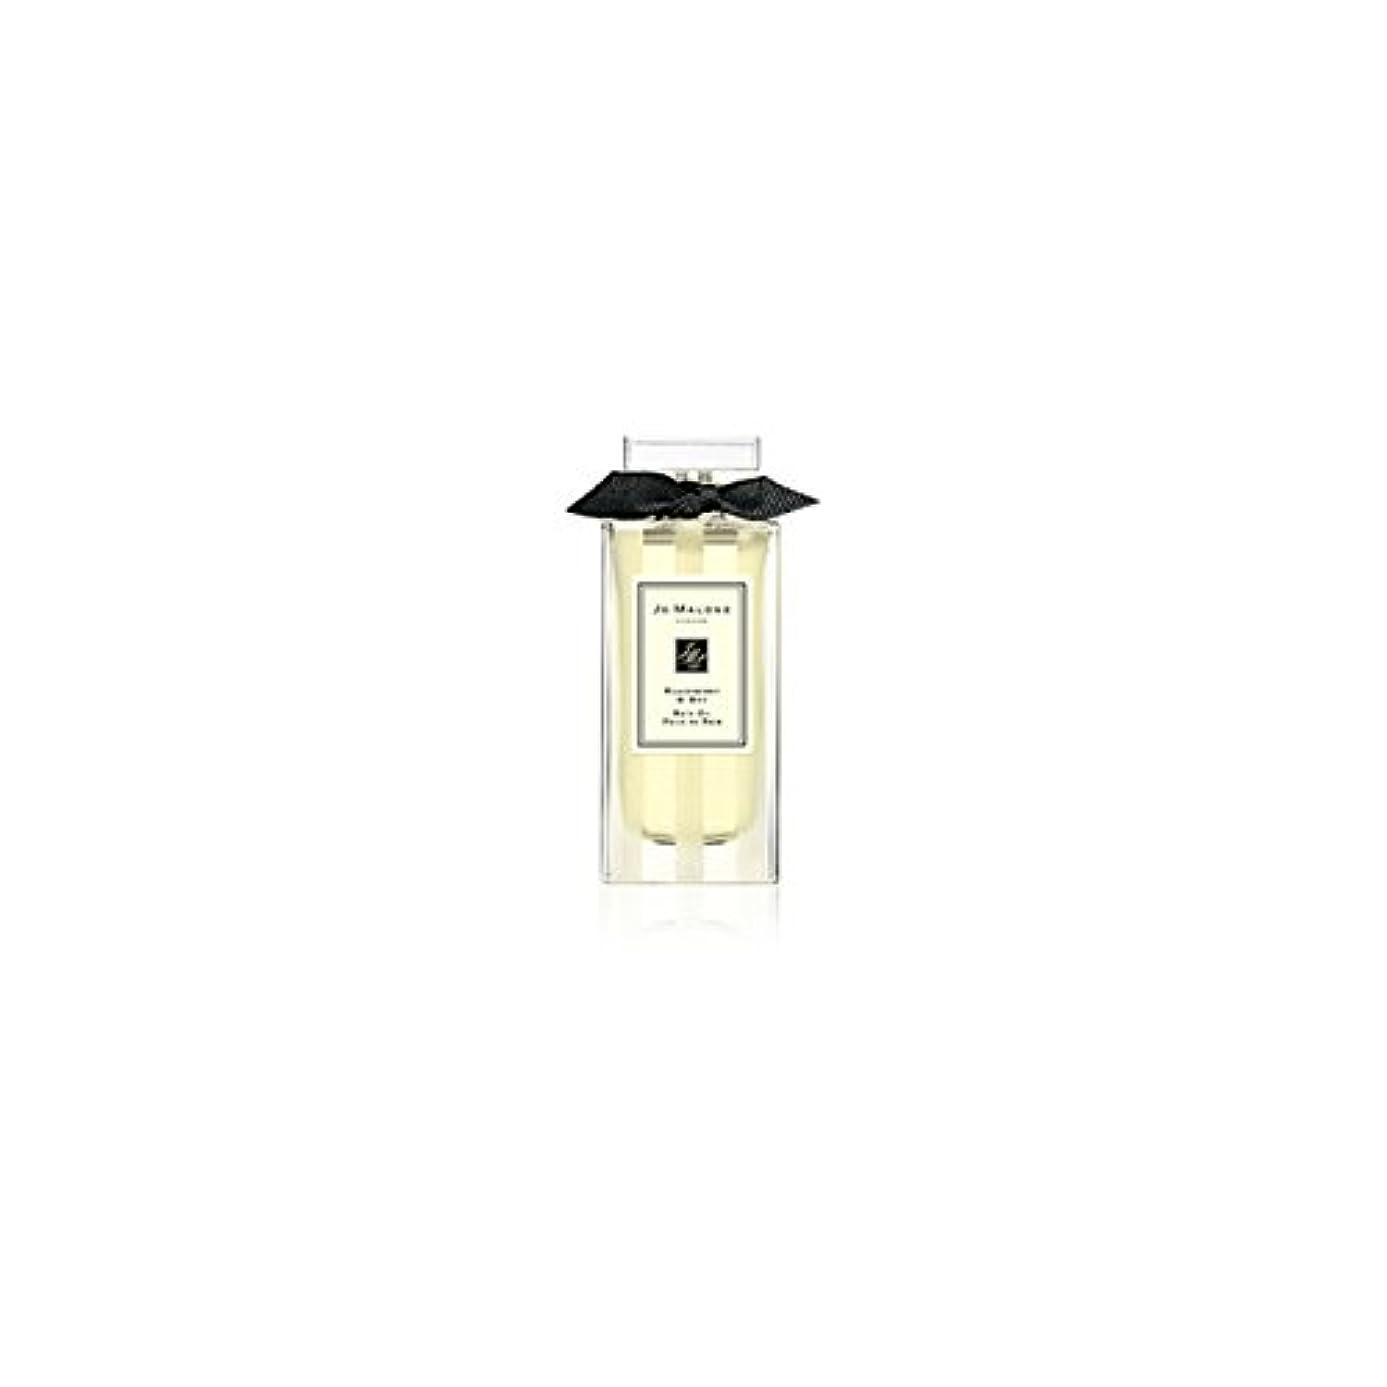 検閲治世伝統Jo Malone Blackberry & Bay Bath Oil - 30ml (Pack of 2) - ジョーマローンブラックベリー&ベイバスオイル - 30ミリリットル (x2) [並行輸入品]